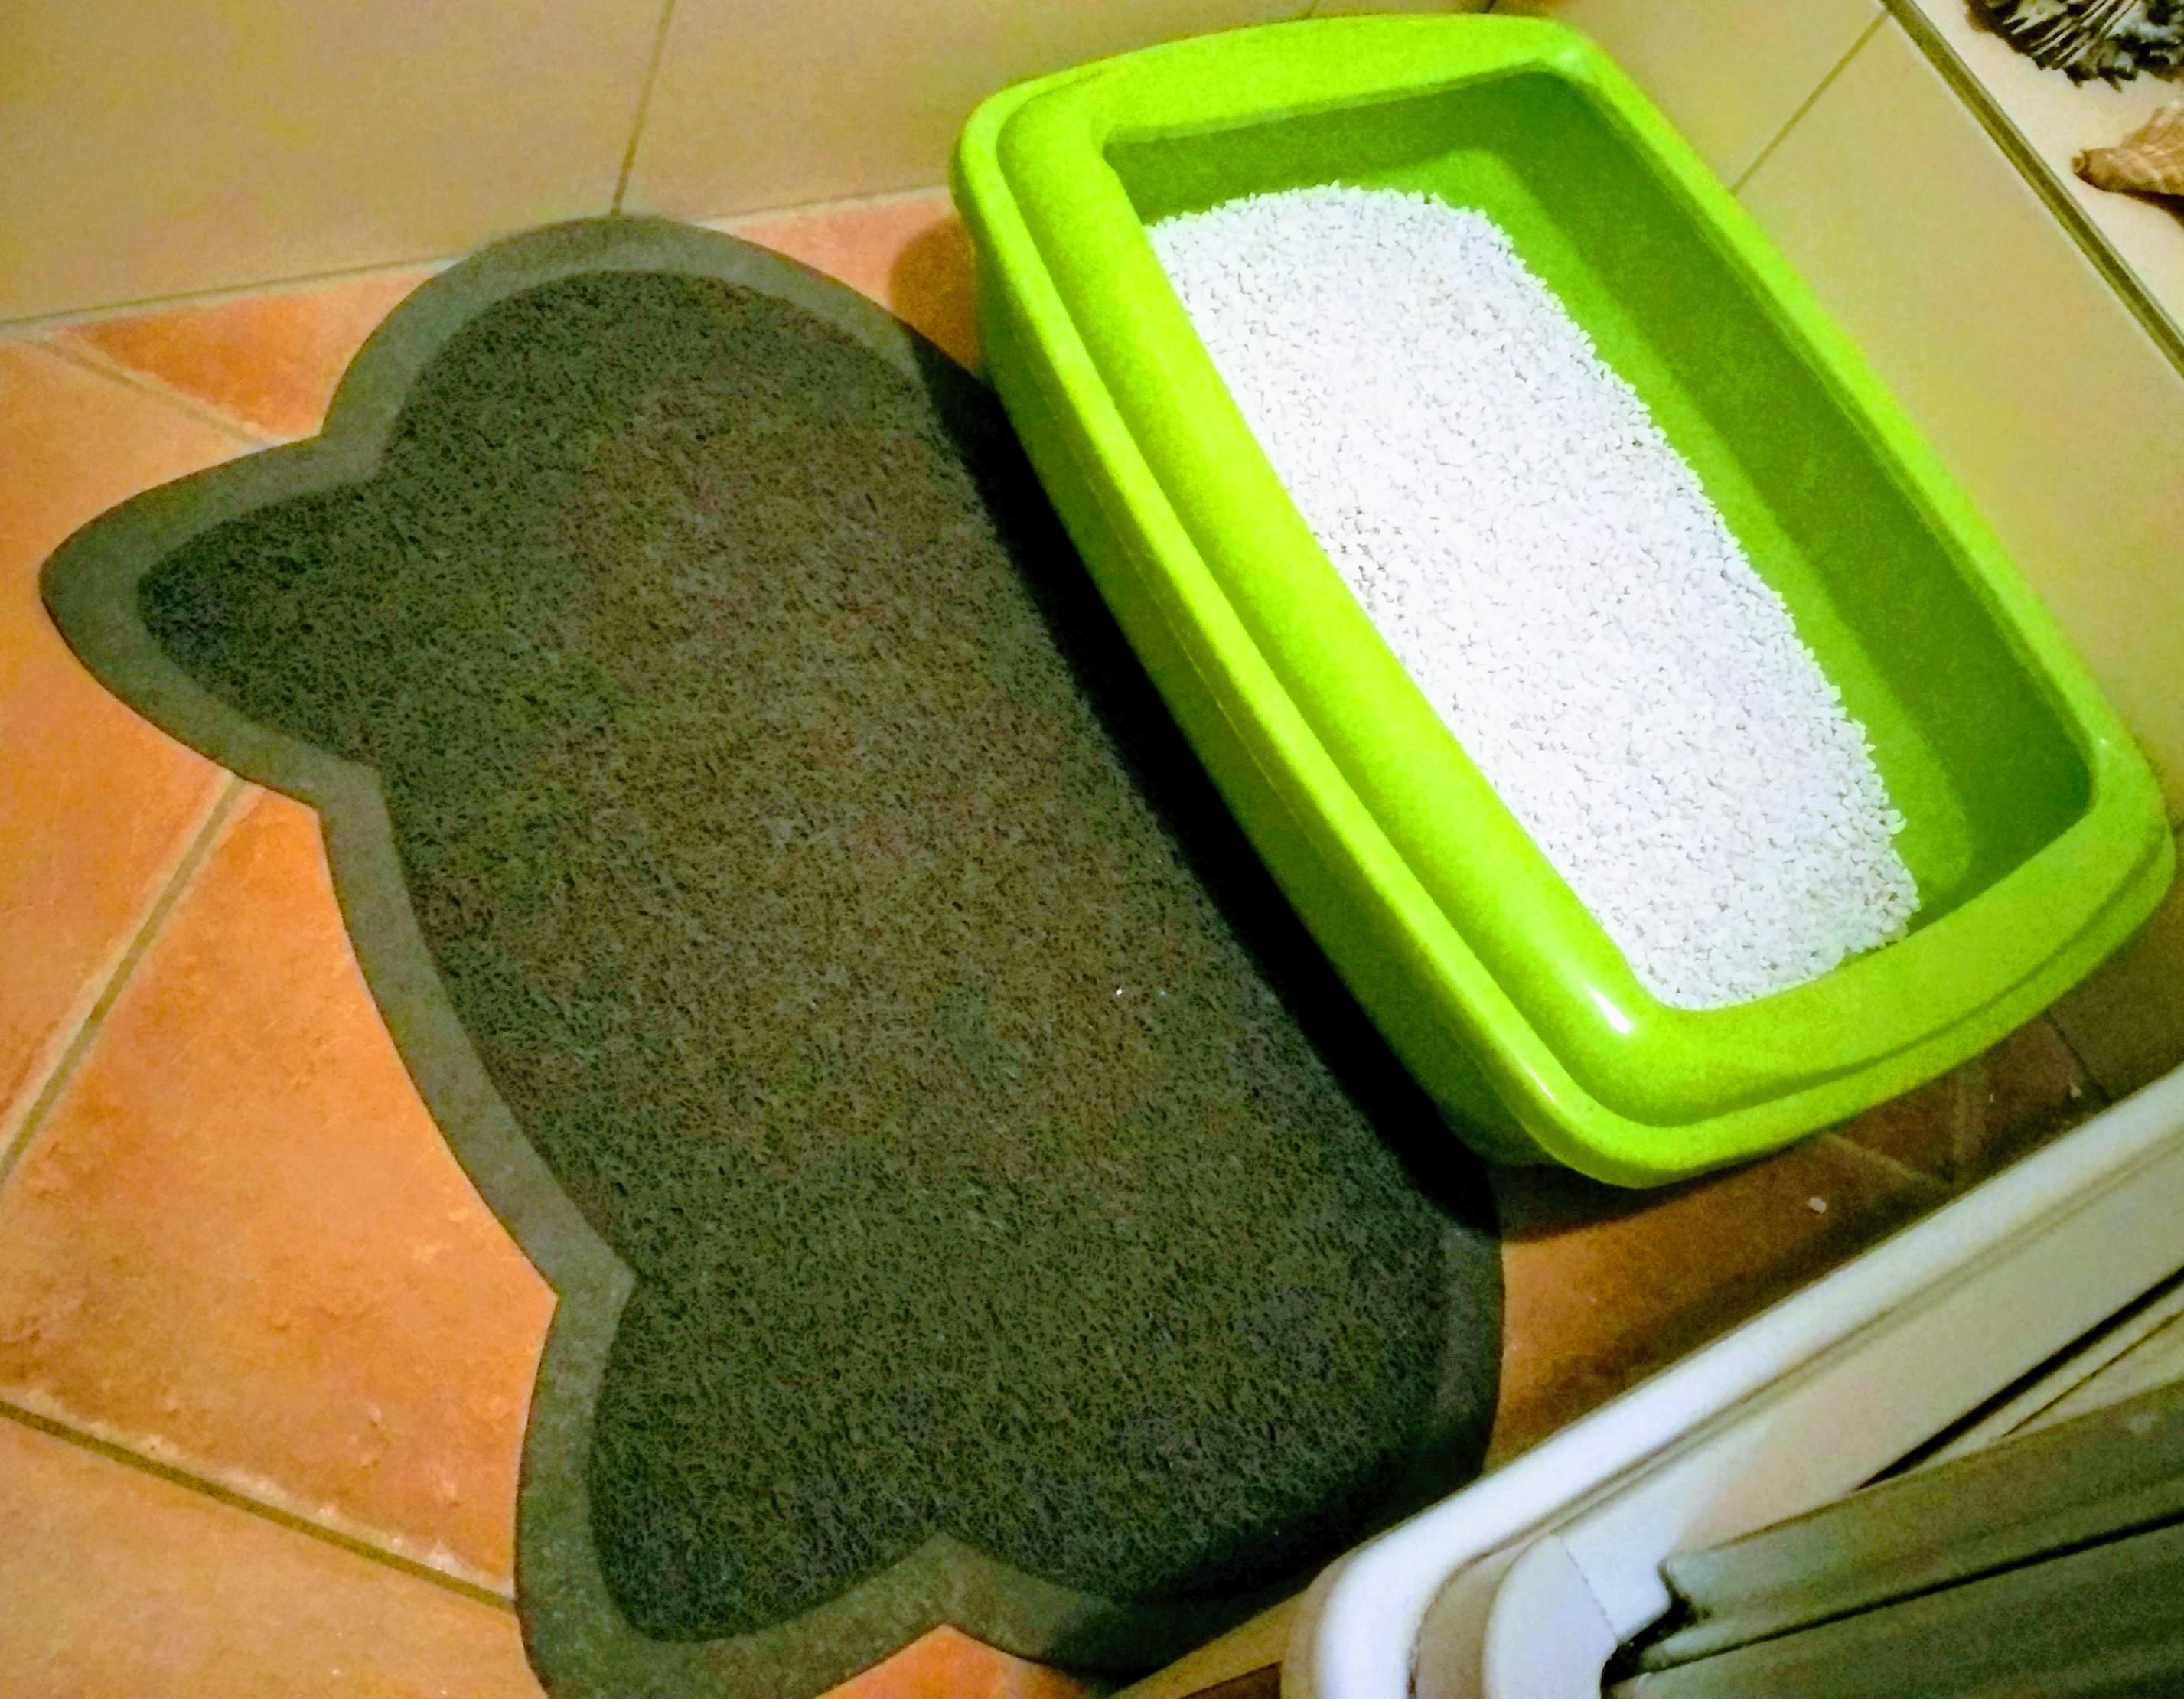 Gutes Weißes Katzenstreu grüne Katzentoilette Katzenmasse Streumatte Pfötchenabtreter